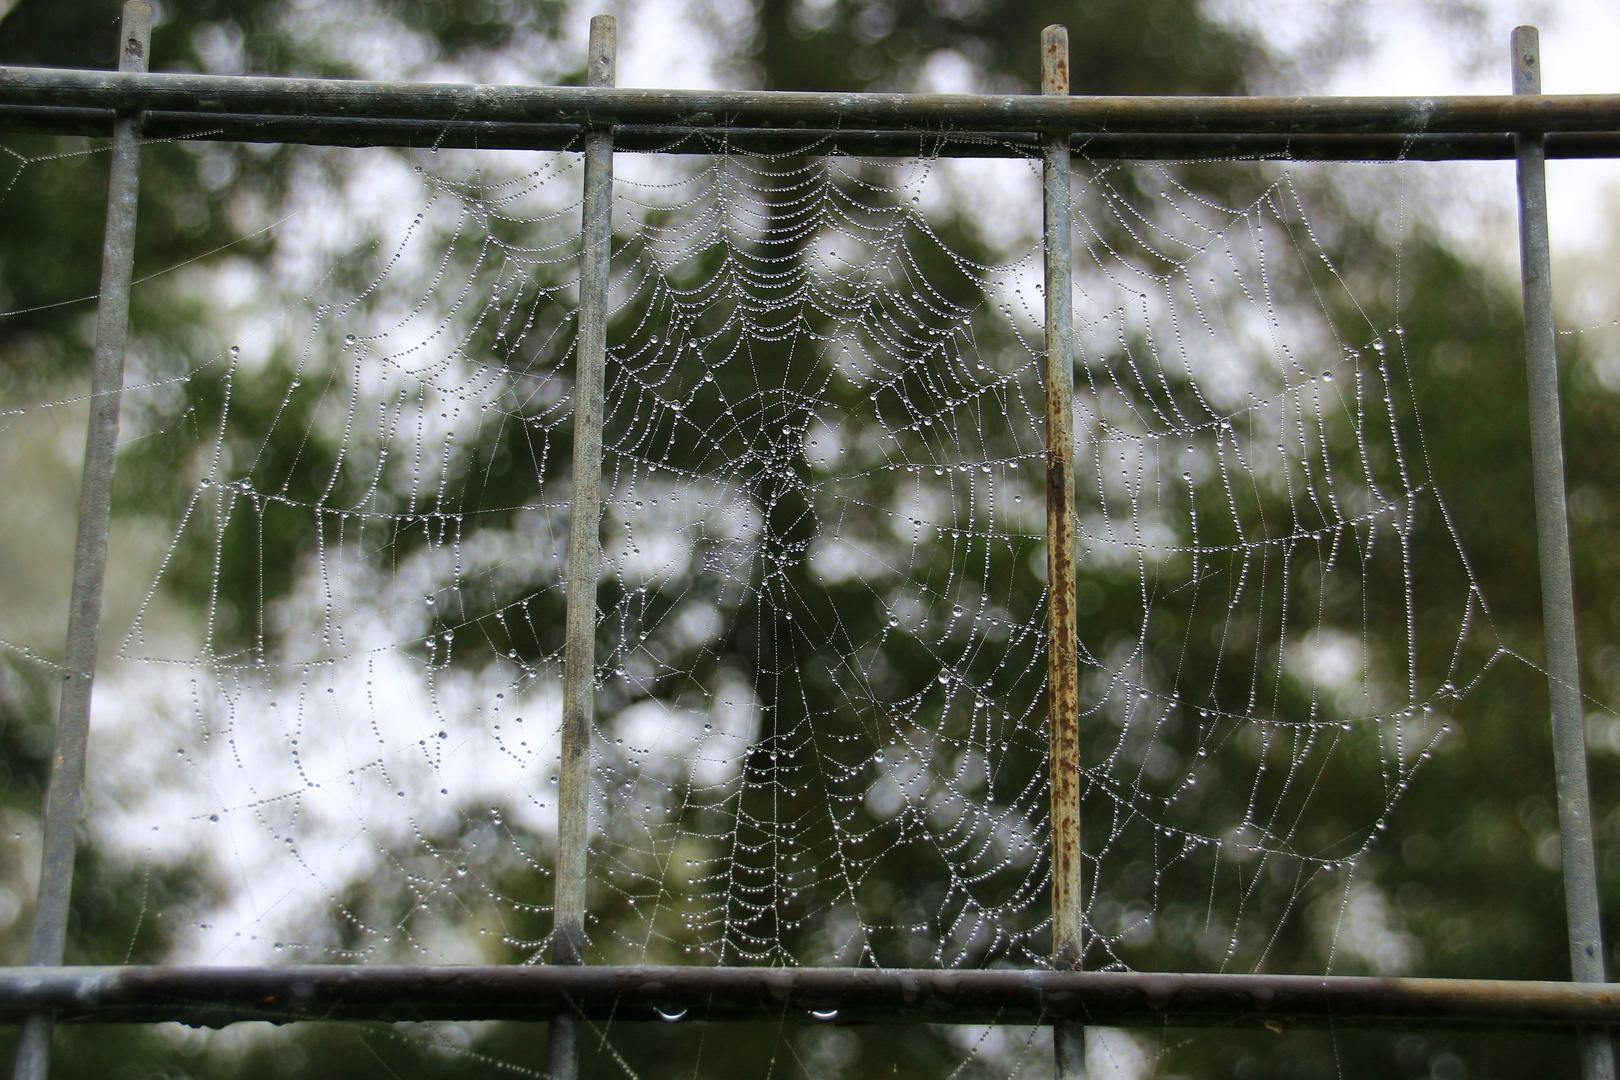 Spinnennetz hinter Gitter